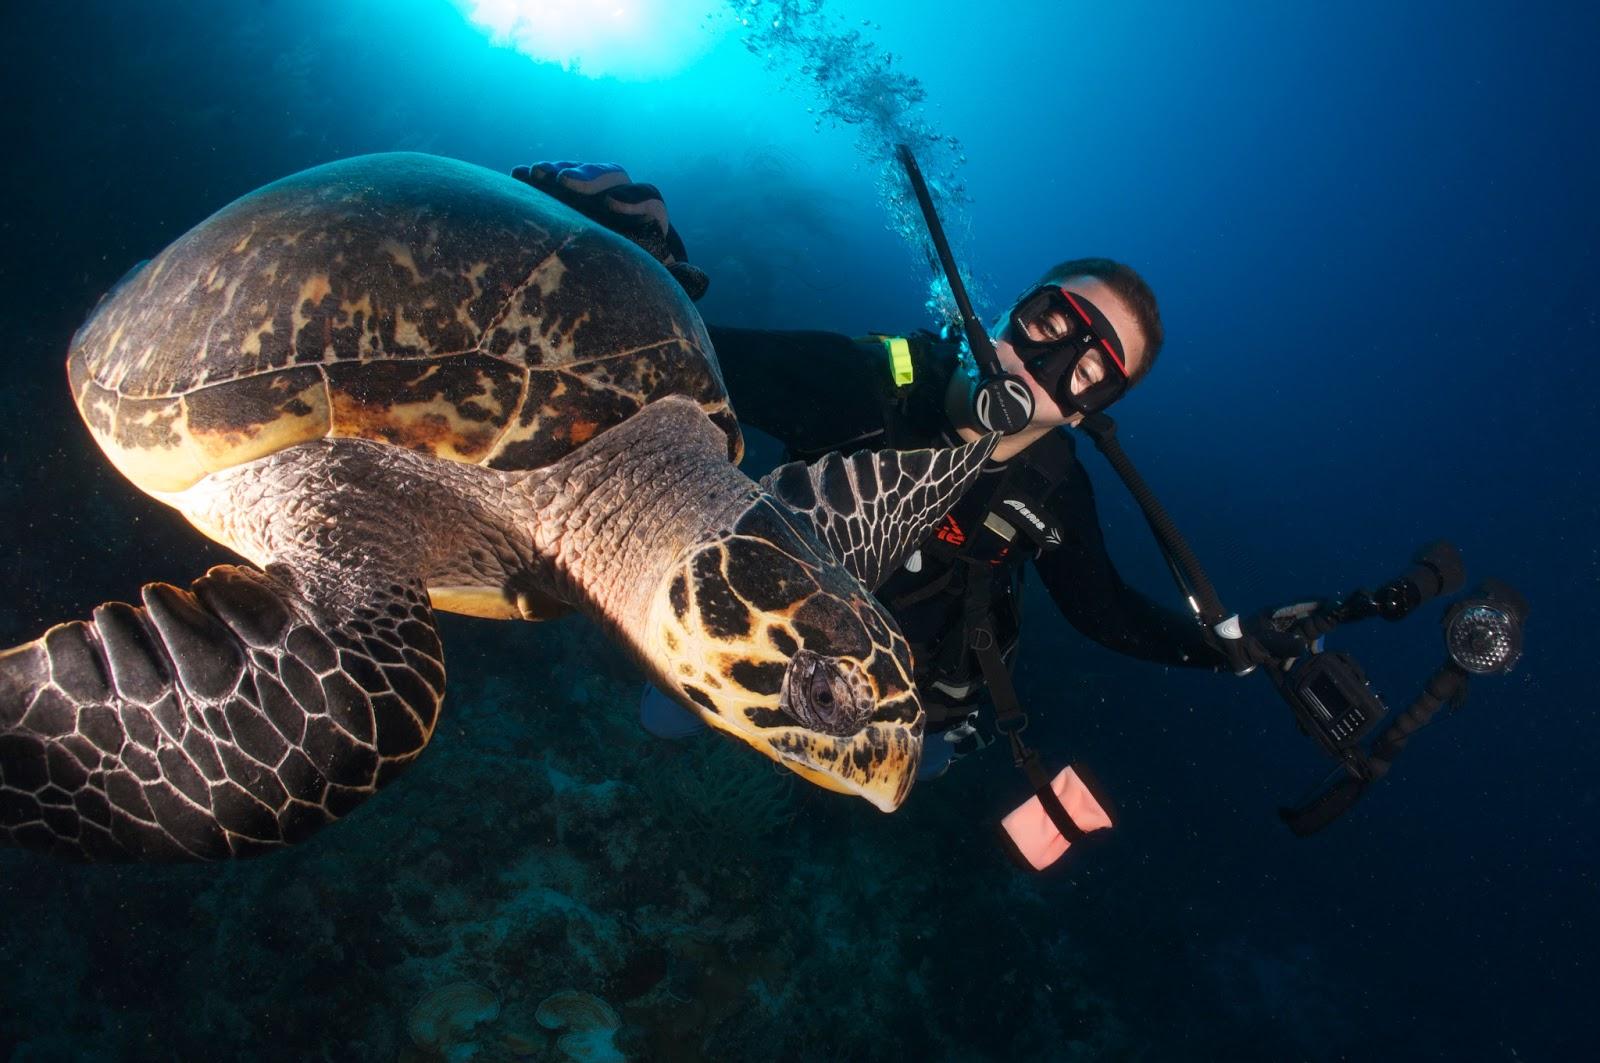 Scuba Diving Certification Fort Lauderdale